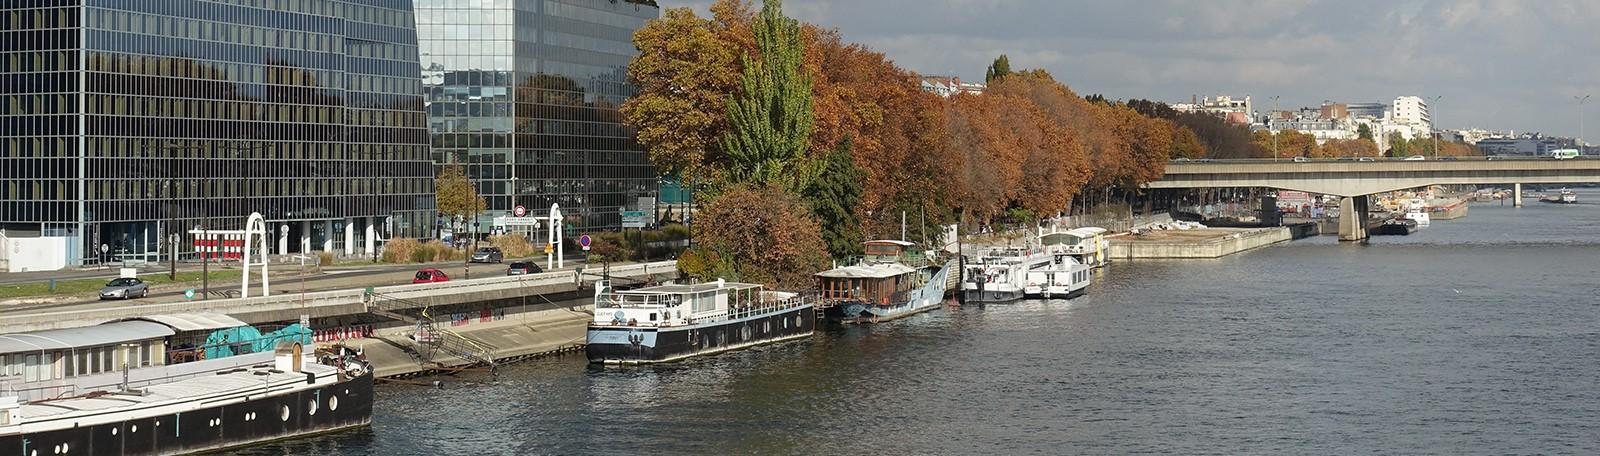 Car park Val de Seine - Park in Issy les Moulineaux | Q-Park